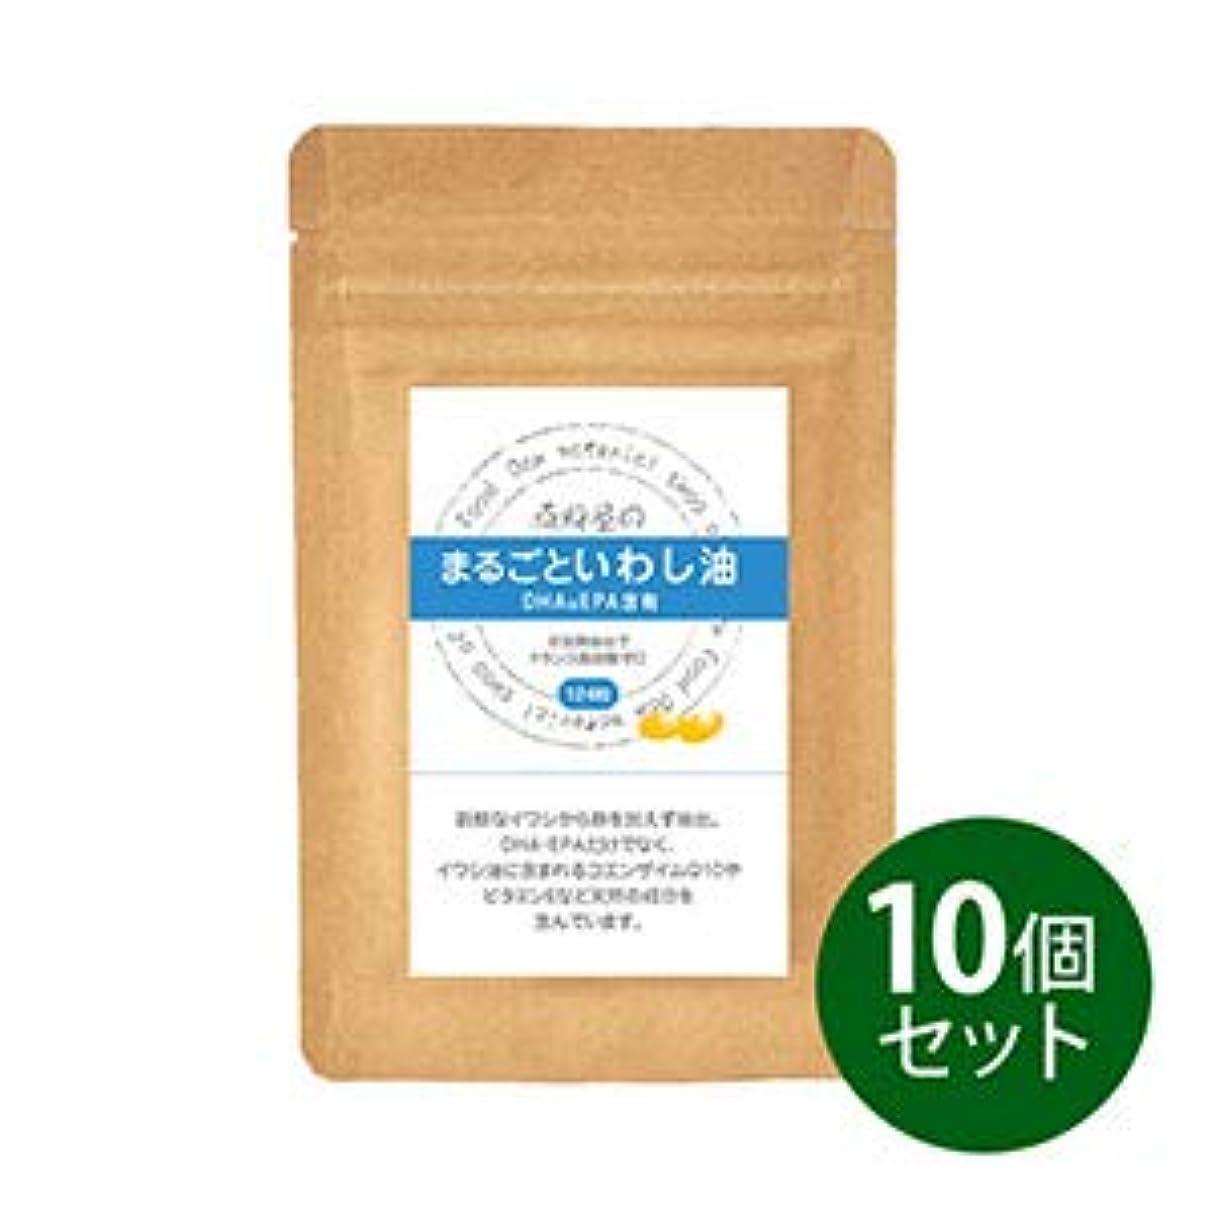 不透明なコードレスシングル原料屋の【まとめ買い】まるごといわし油124粒×10個セット